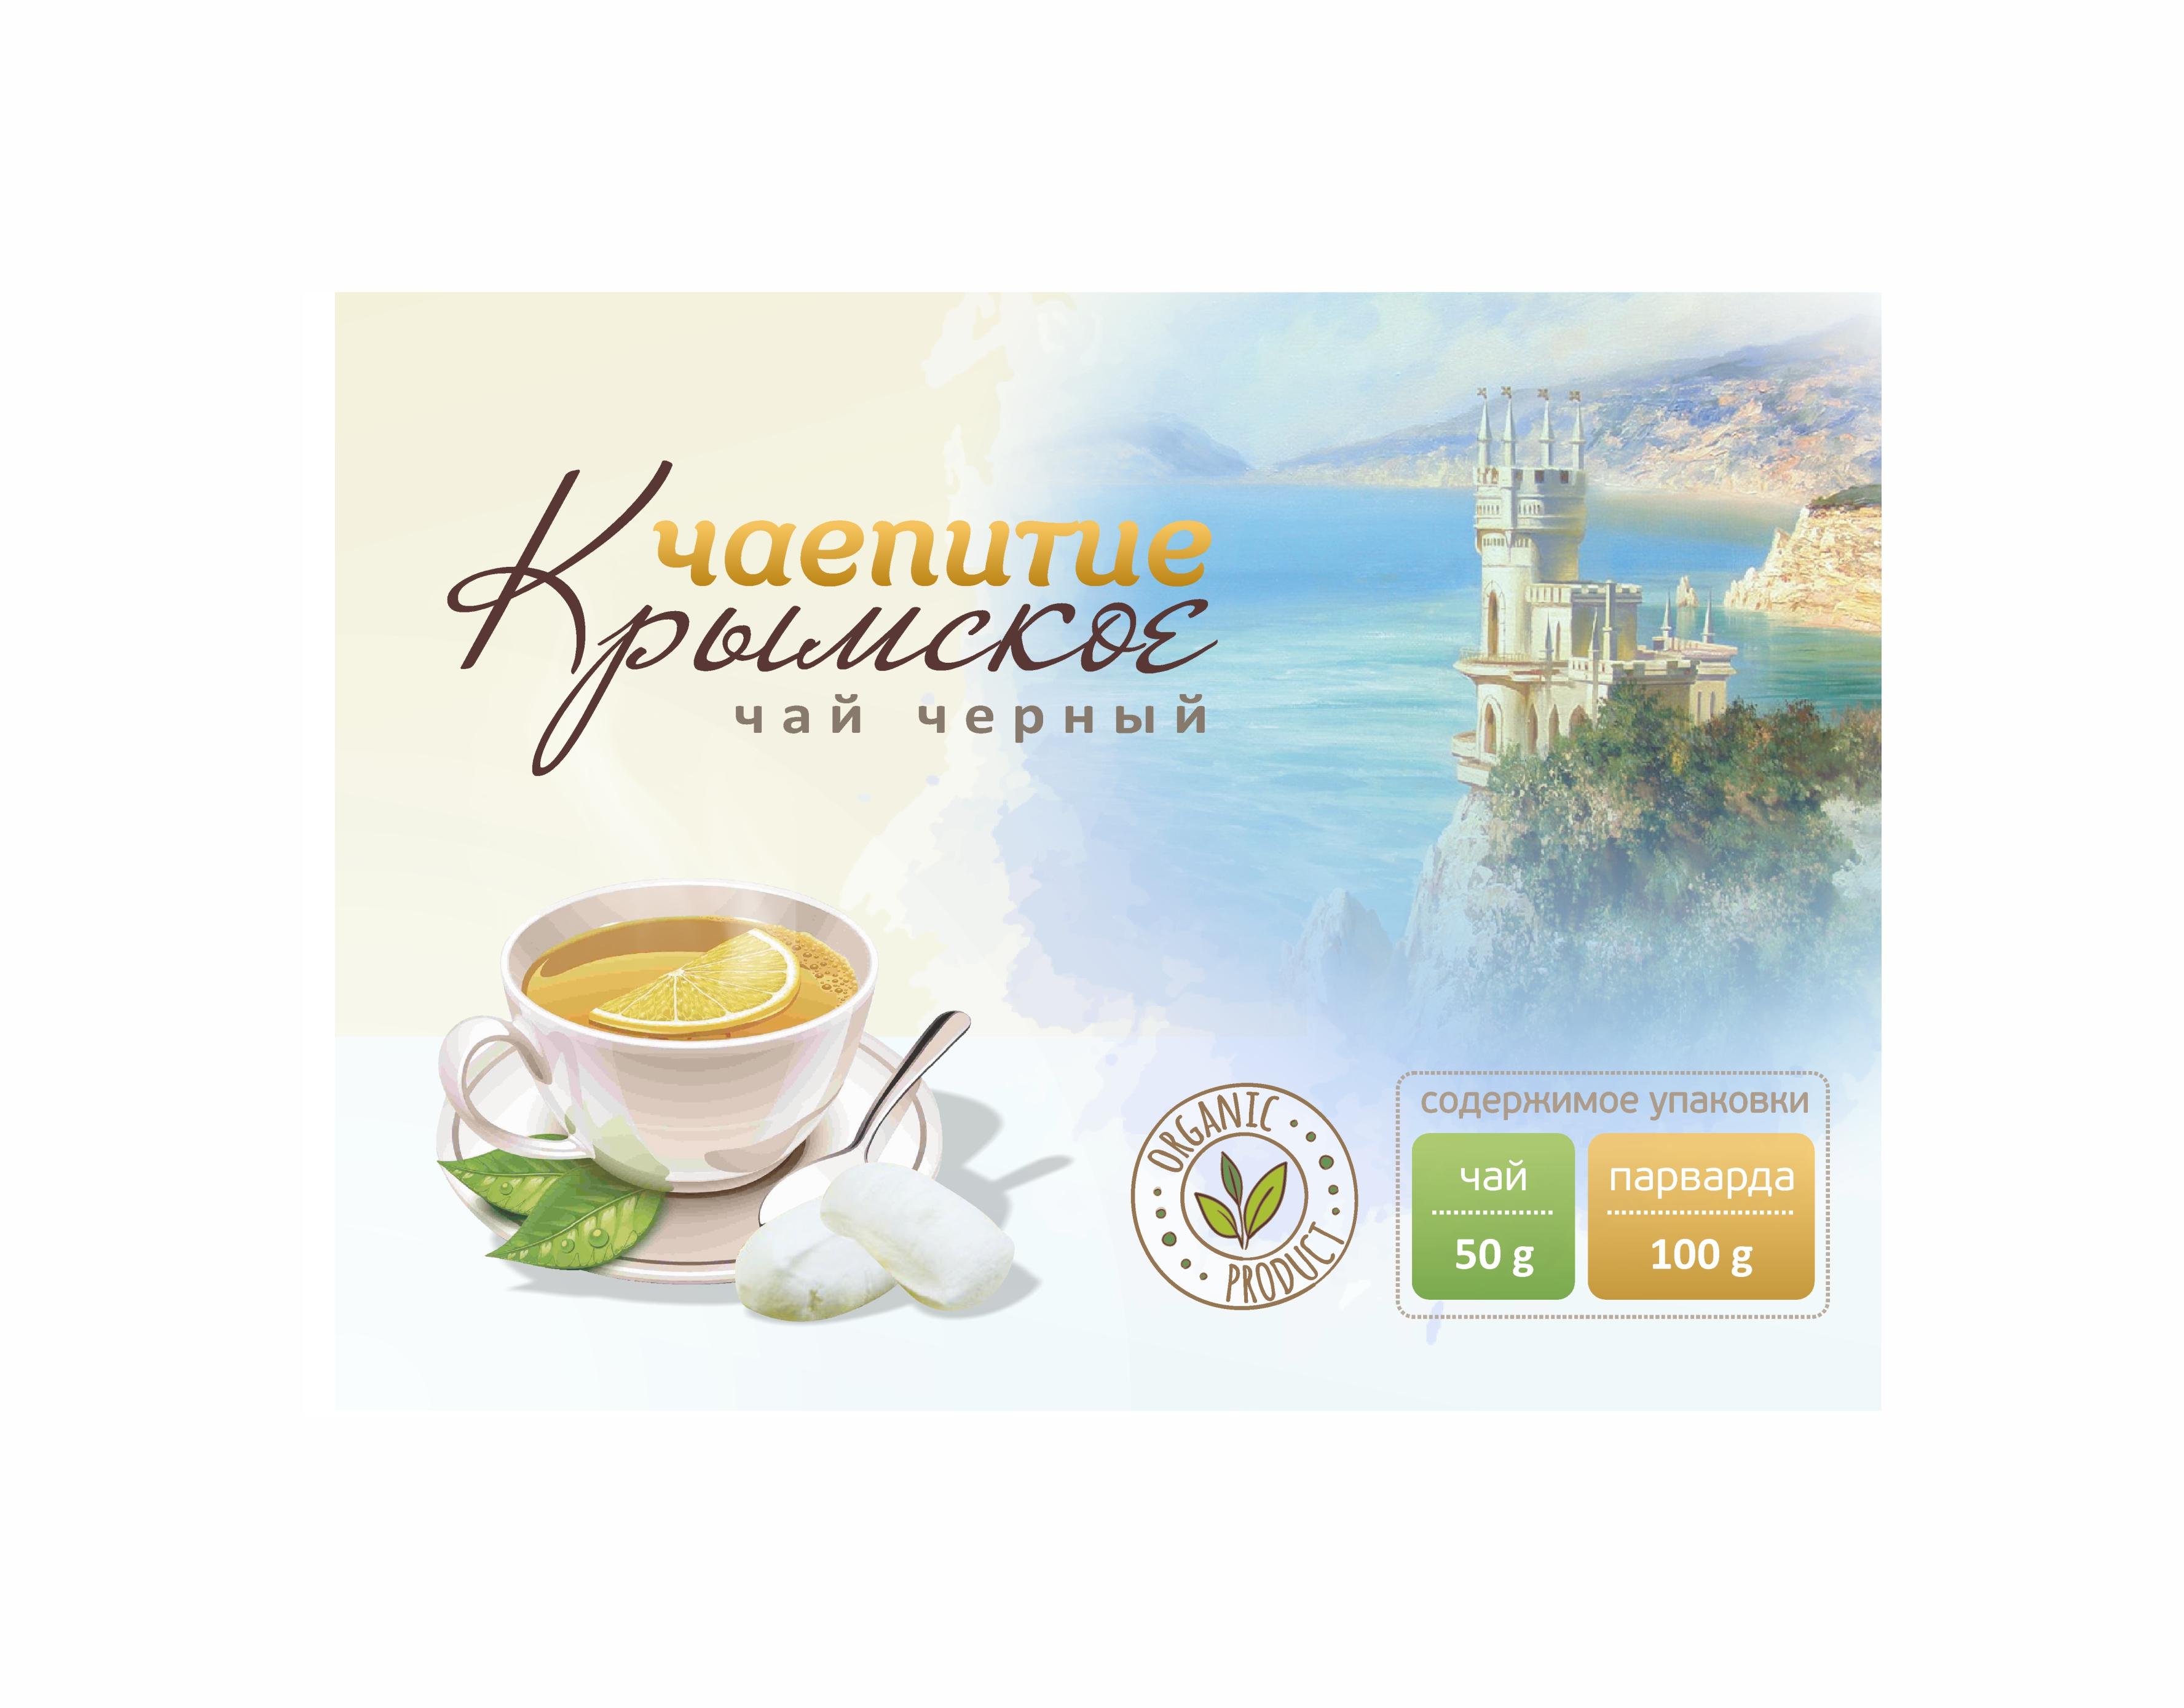 Дизайн коробки сувенирной  чай+парварда (подарочный набор) фото f_7705a53c20c754f2.jpg